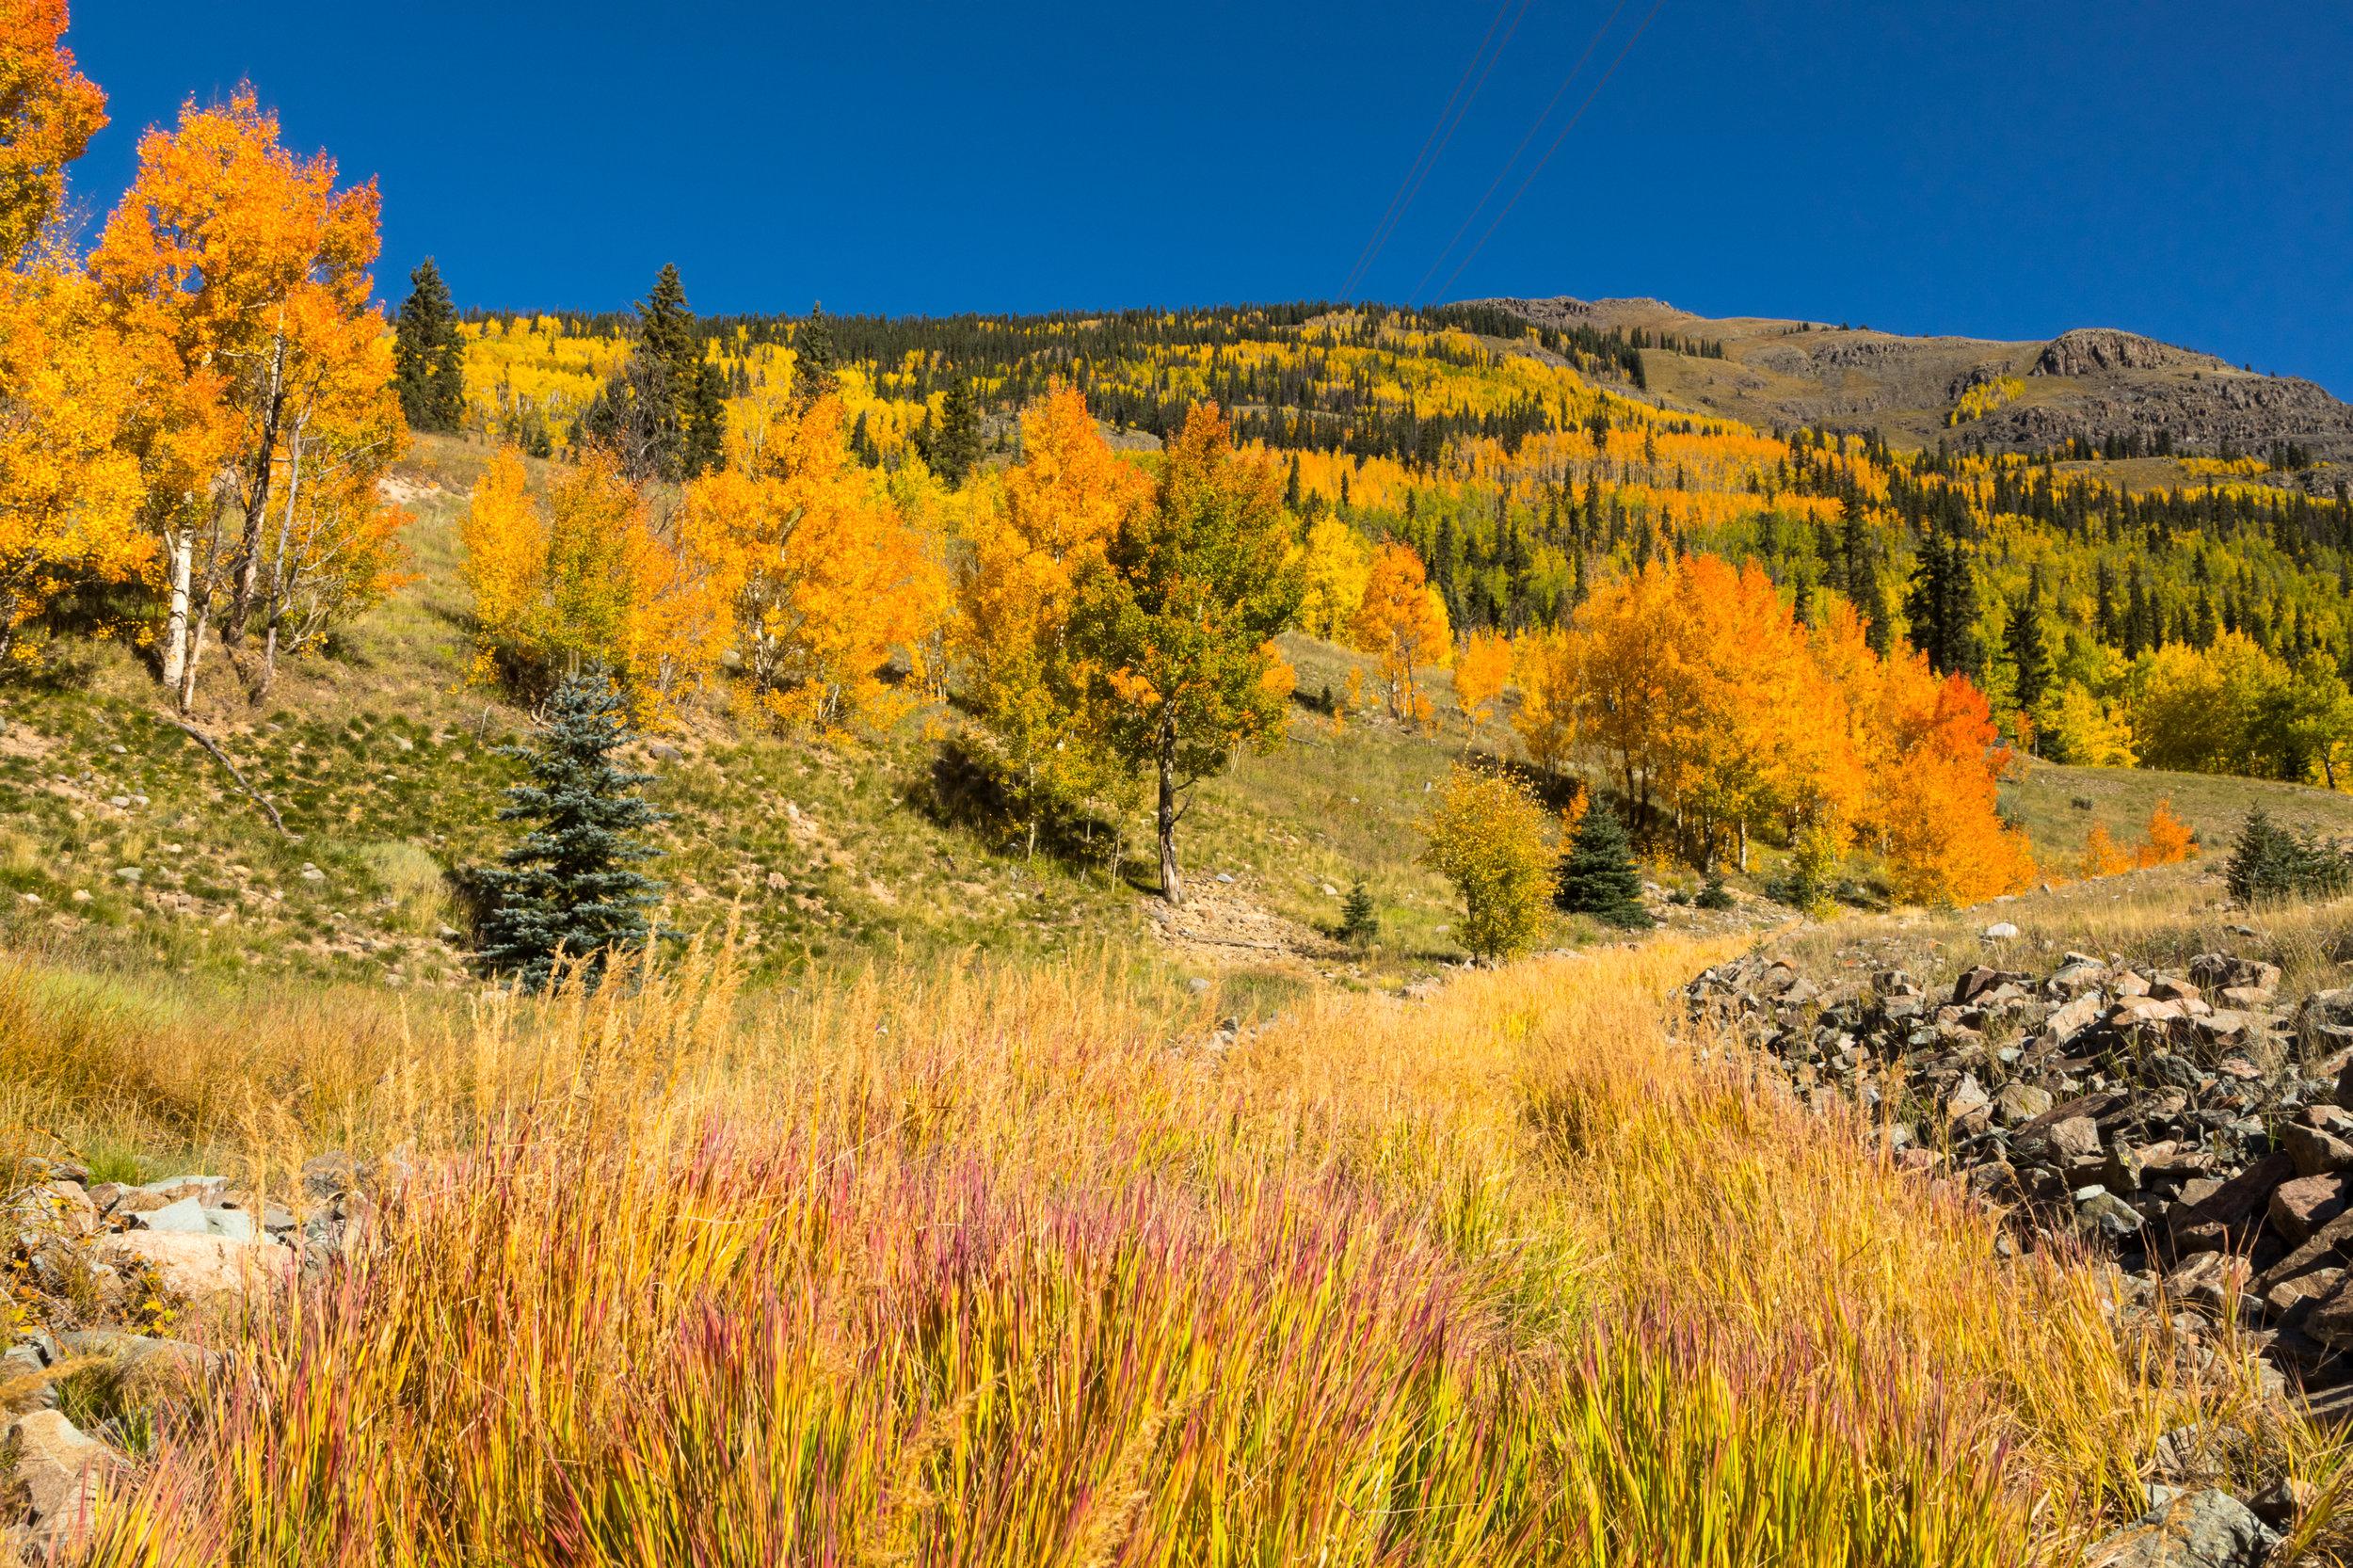 Silverton, Colorado, Image #3289